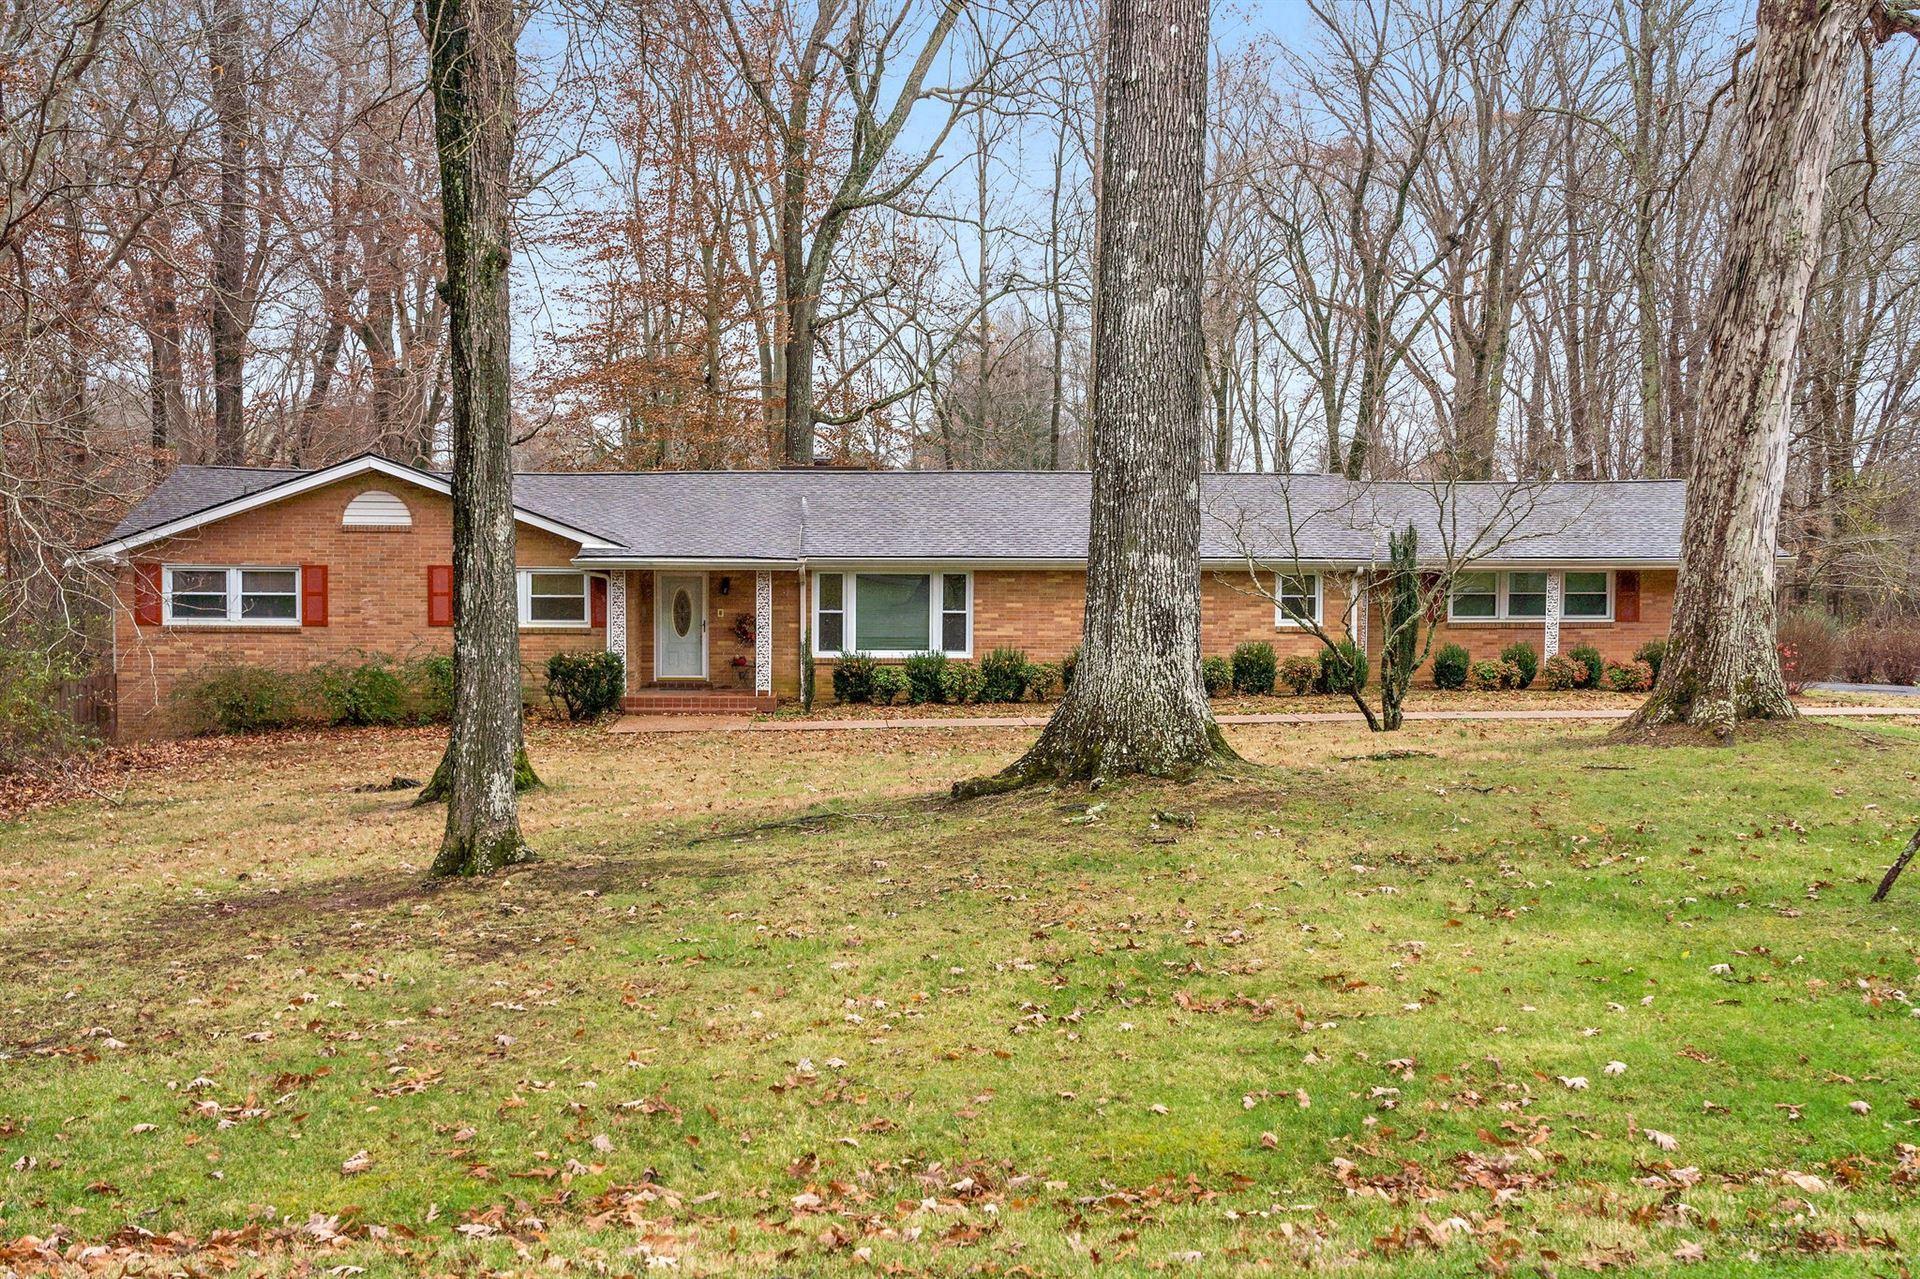 2314 Dogwood Ln, Clarksville, TN 37043 - MLS#: 2209991